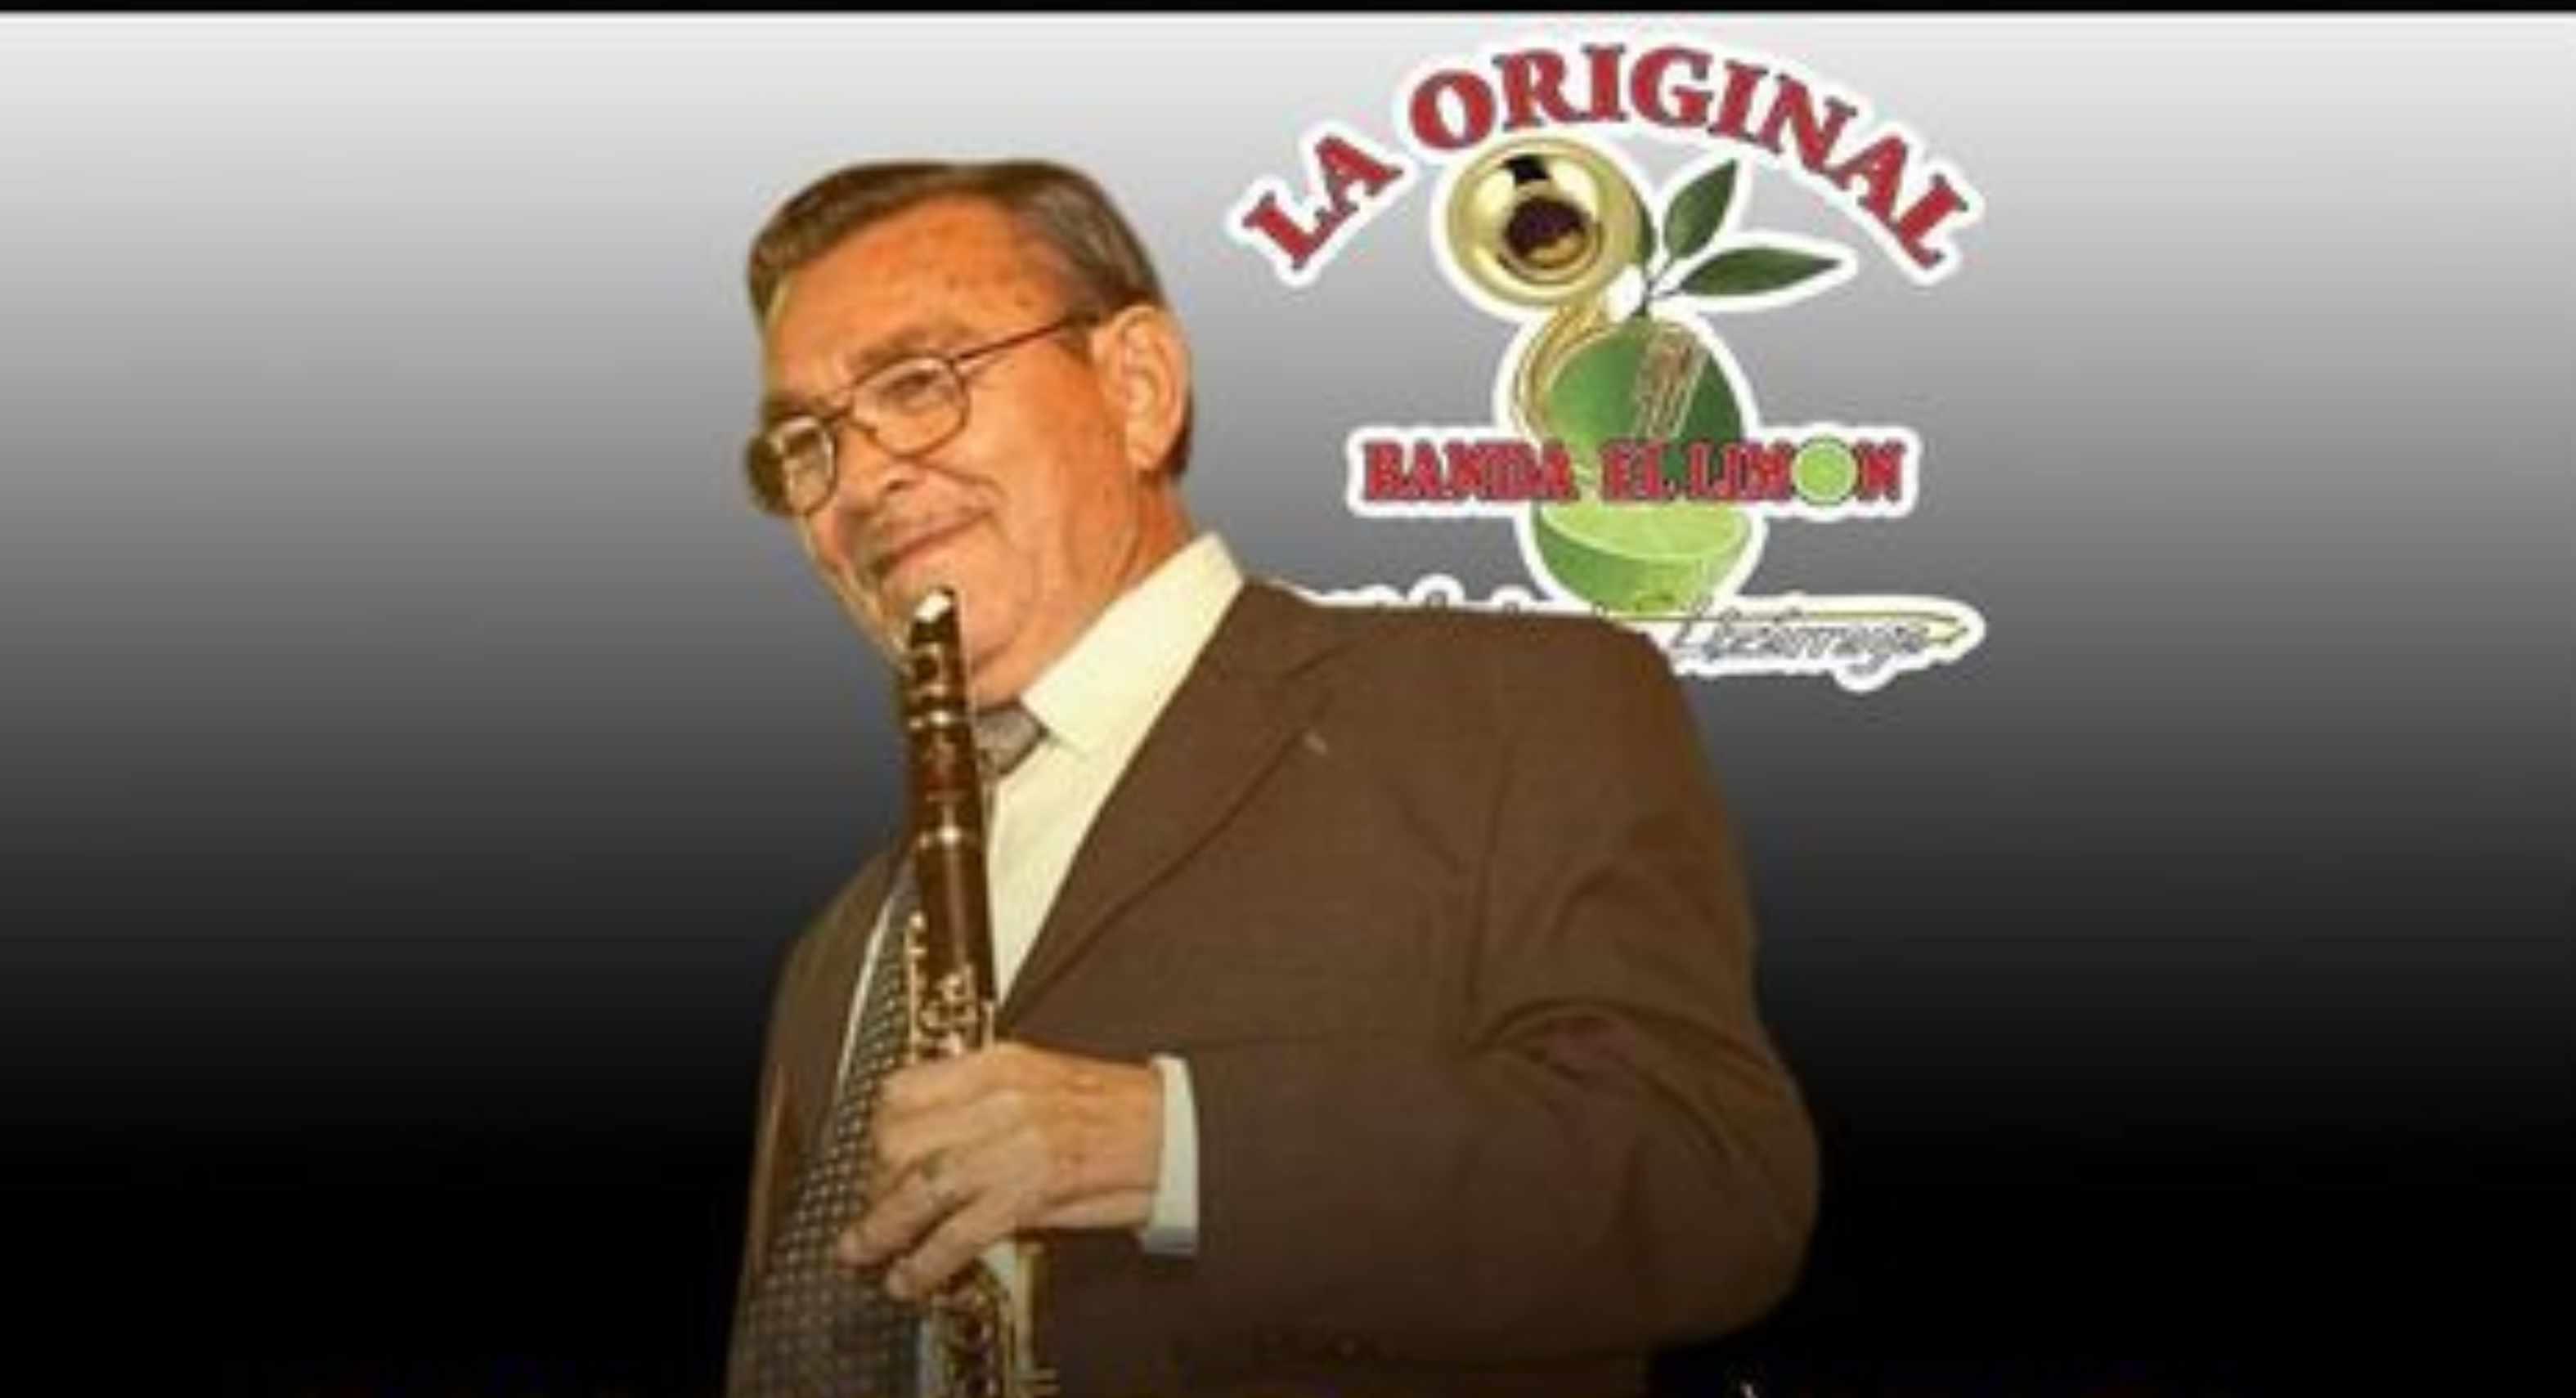 Fallece Salvador Lizárraga a los 88 años de edad